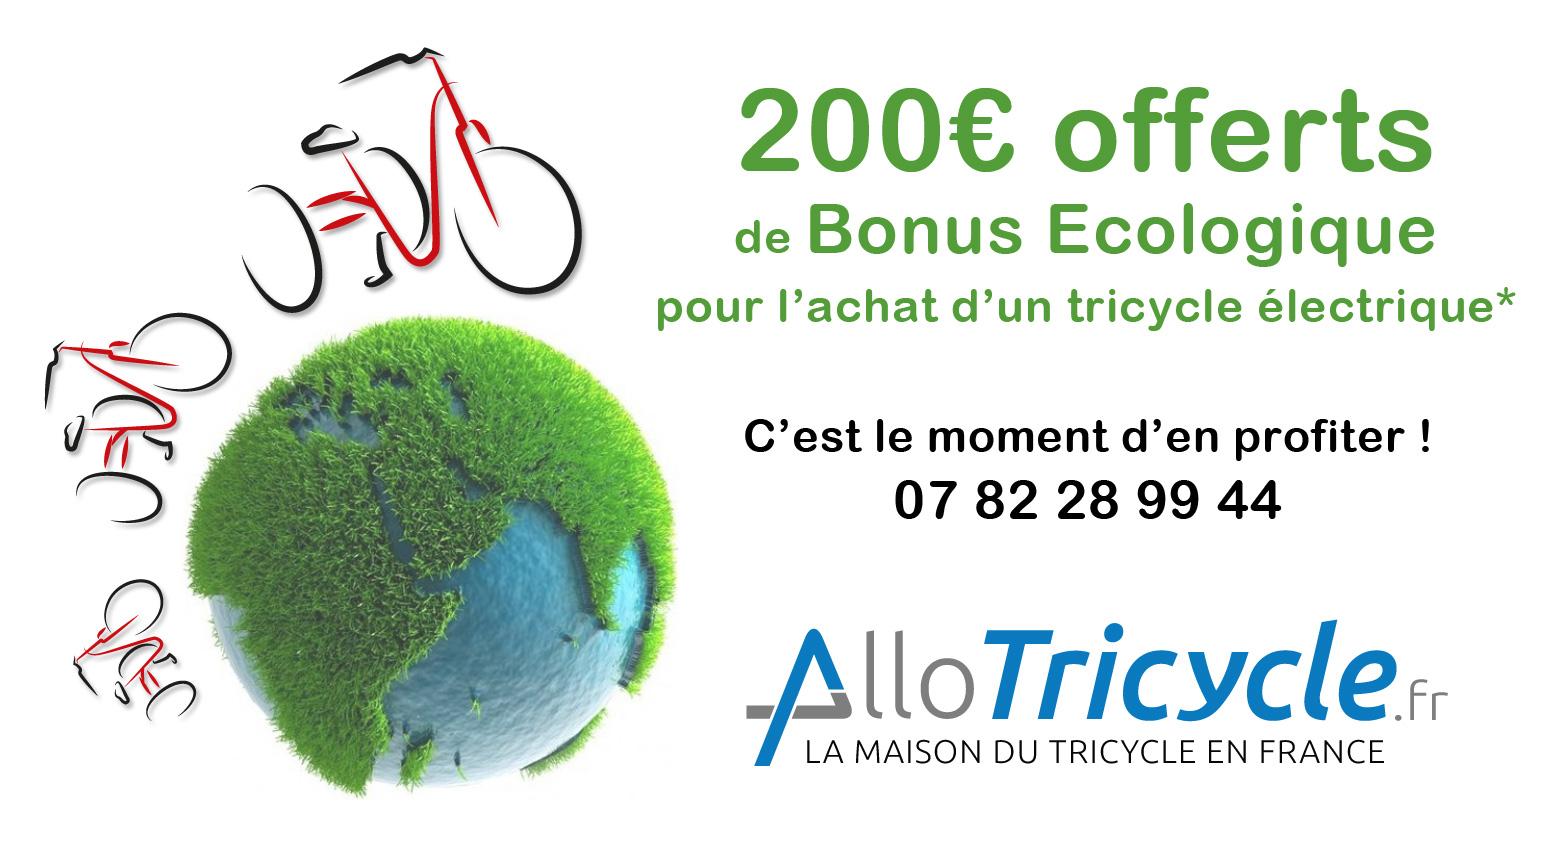 Bonus Ecologique 200€ Tricycle électrique